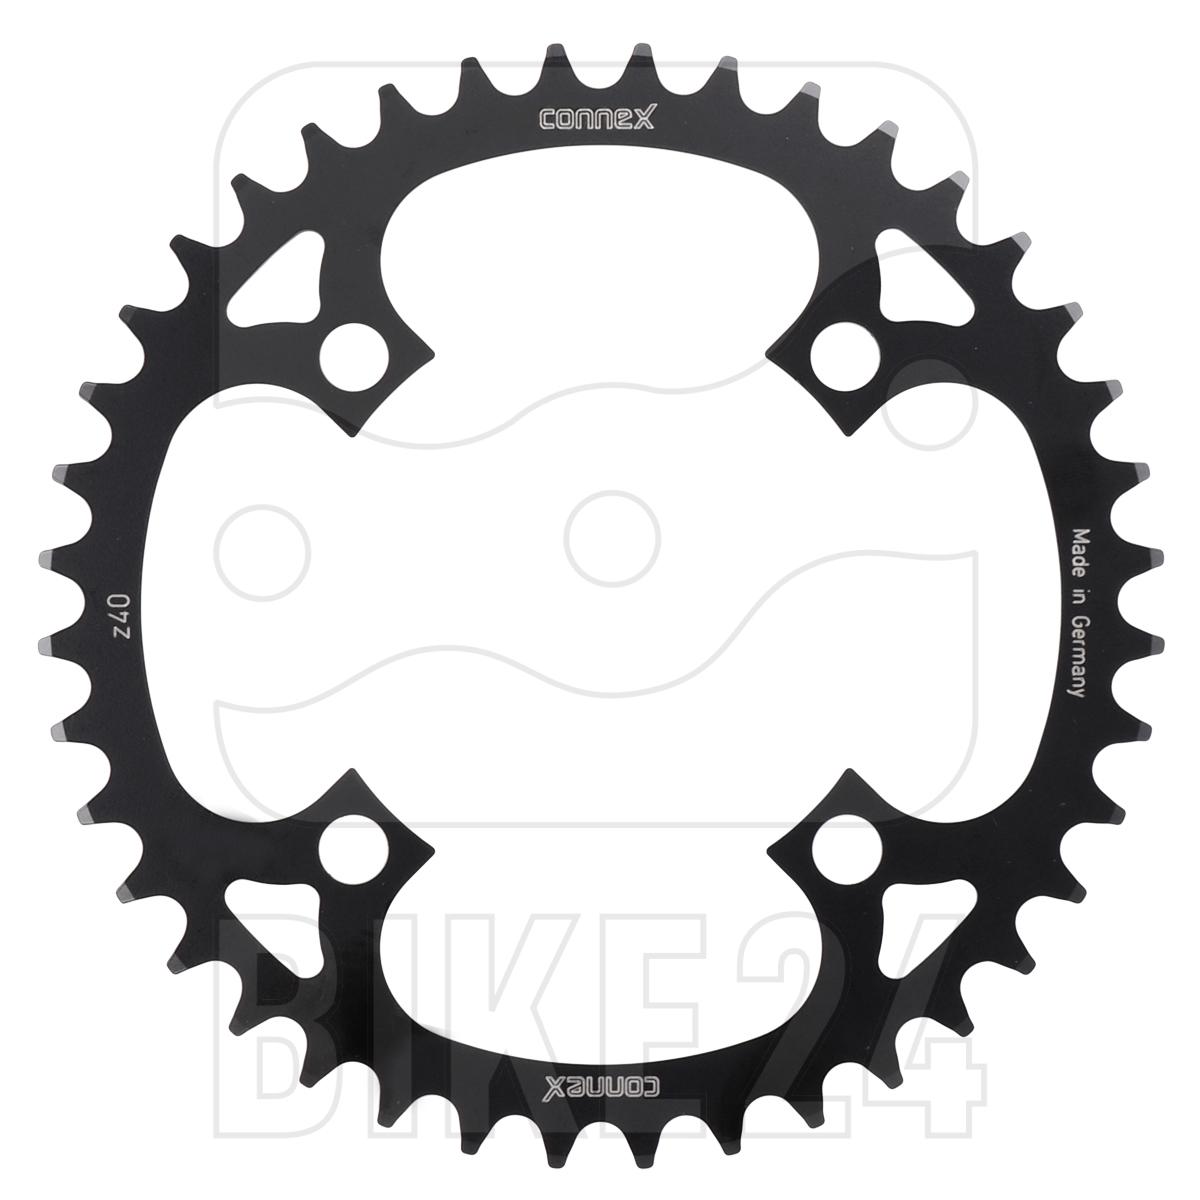 Bild von Wippermann conneX Kettenblatt für E-Bike Drive Units